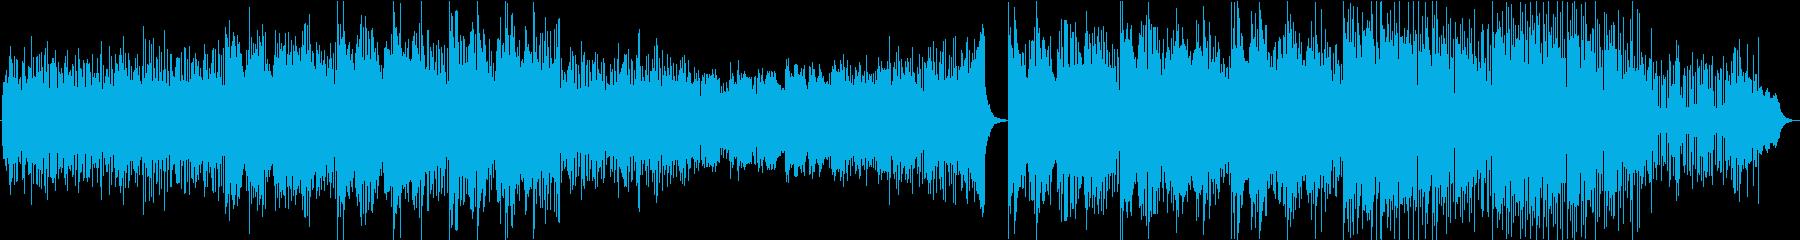 【動画】自己啓発系向けほのぼのBGMの再生済みの波形